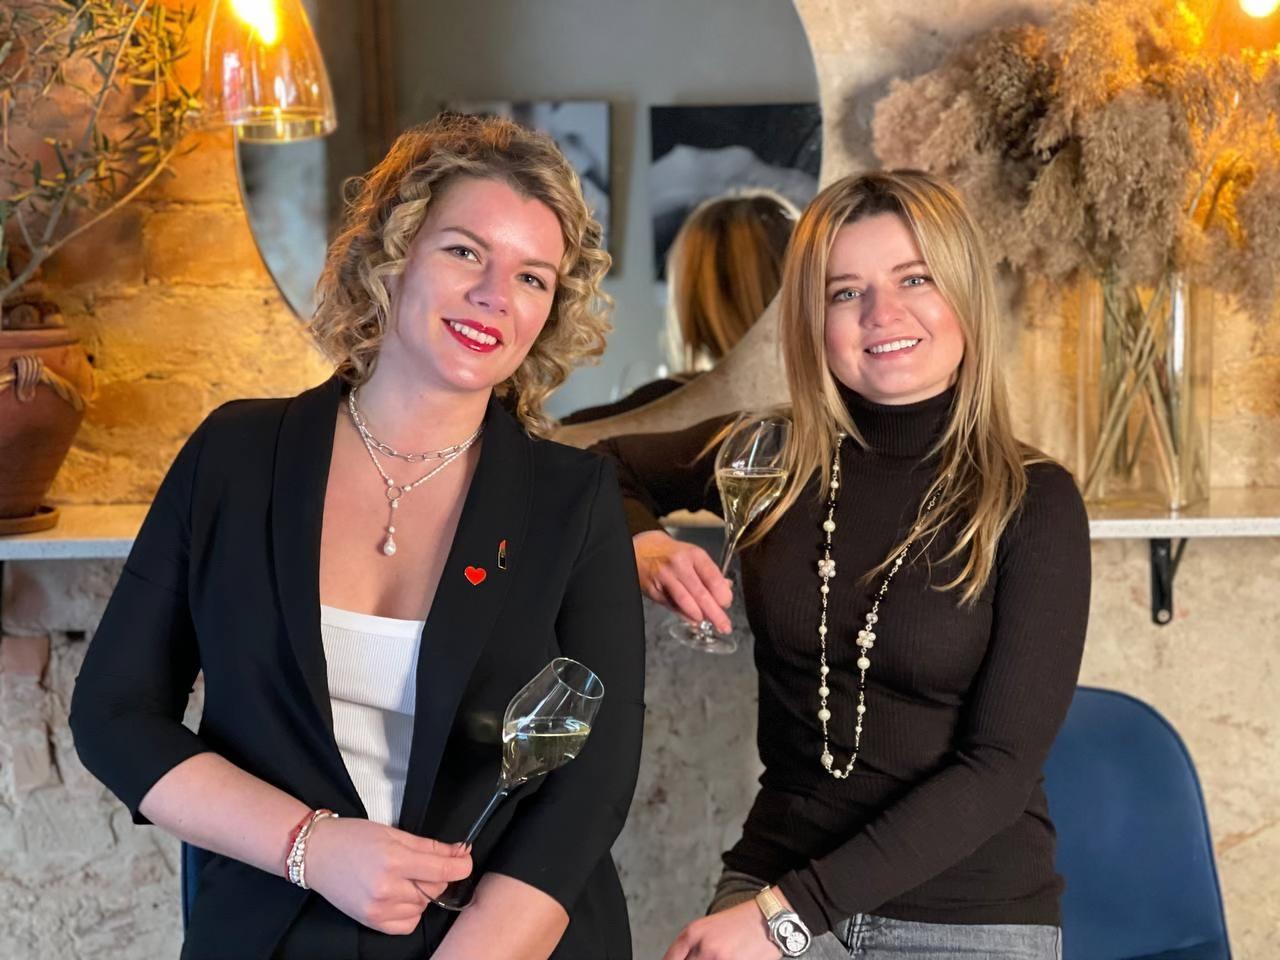 Ксения Капацина и Виктория Ромашкина, соосновательницы винного бара Sparkling Wine Gallery, 34 и 34 года